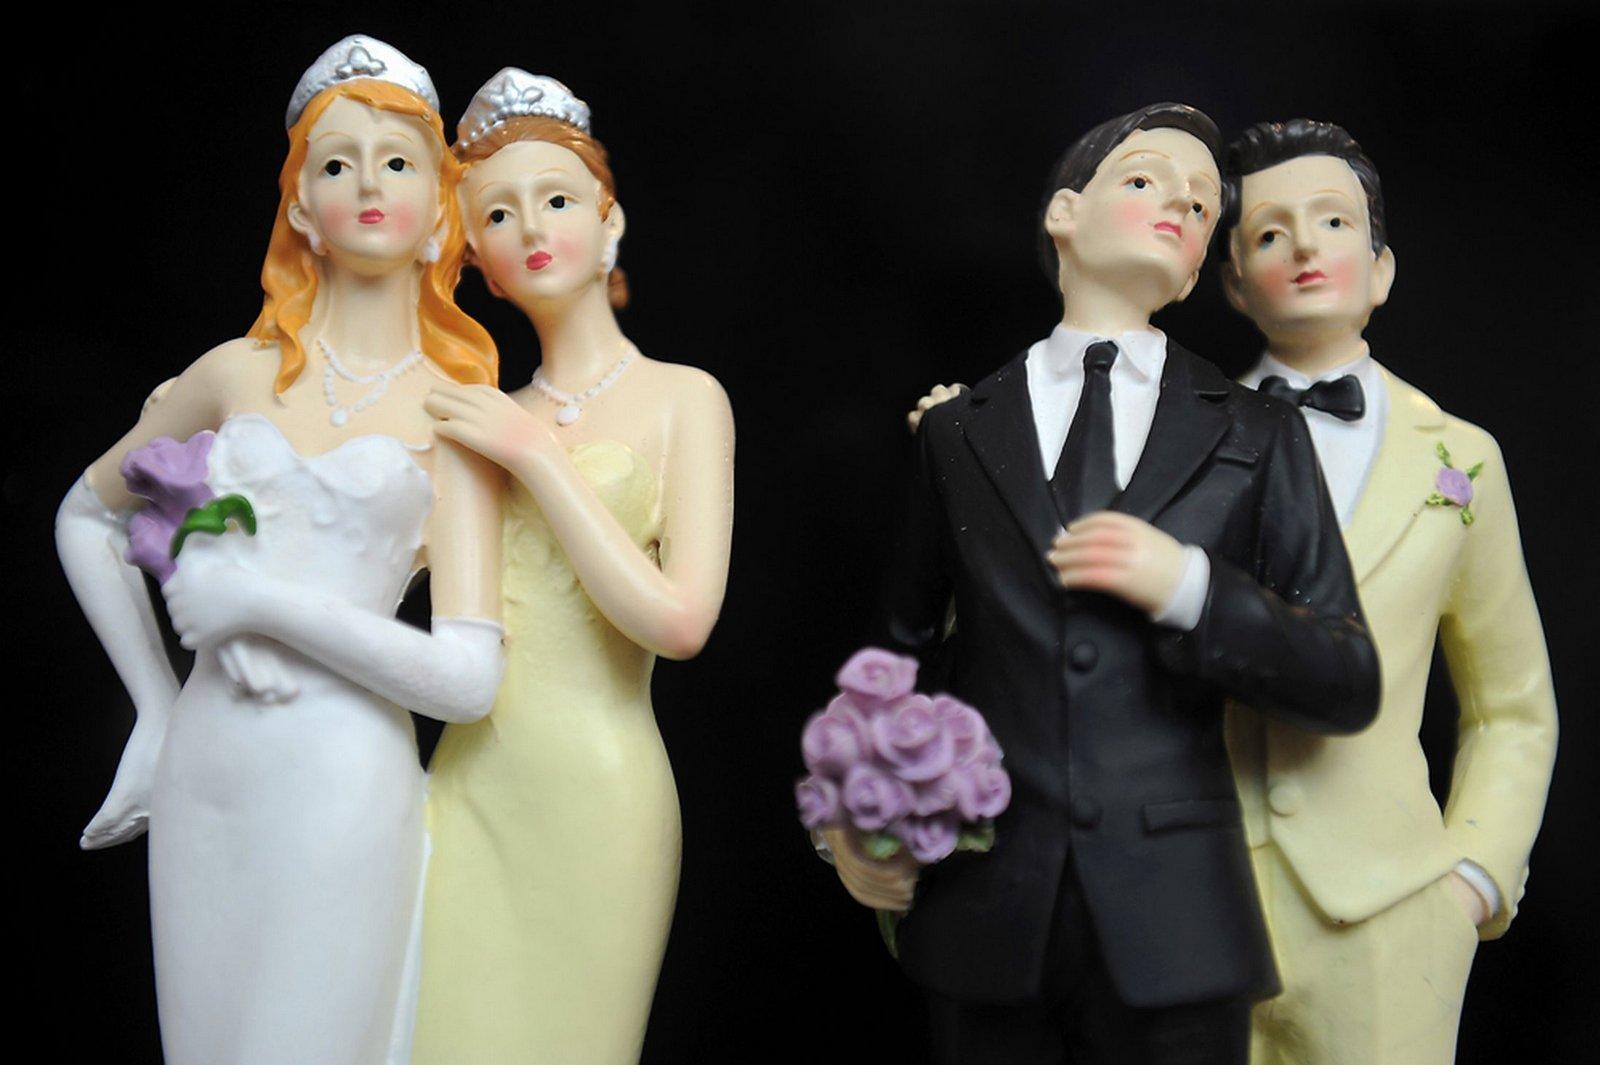 Matrimonio igualitario: derecho en expansión